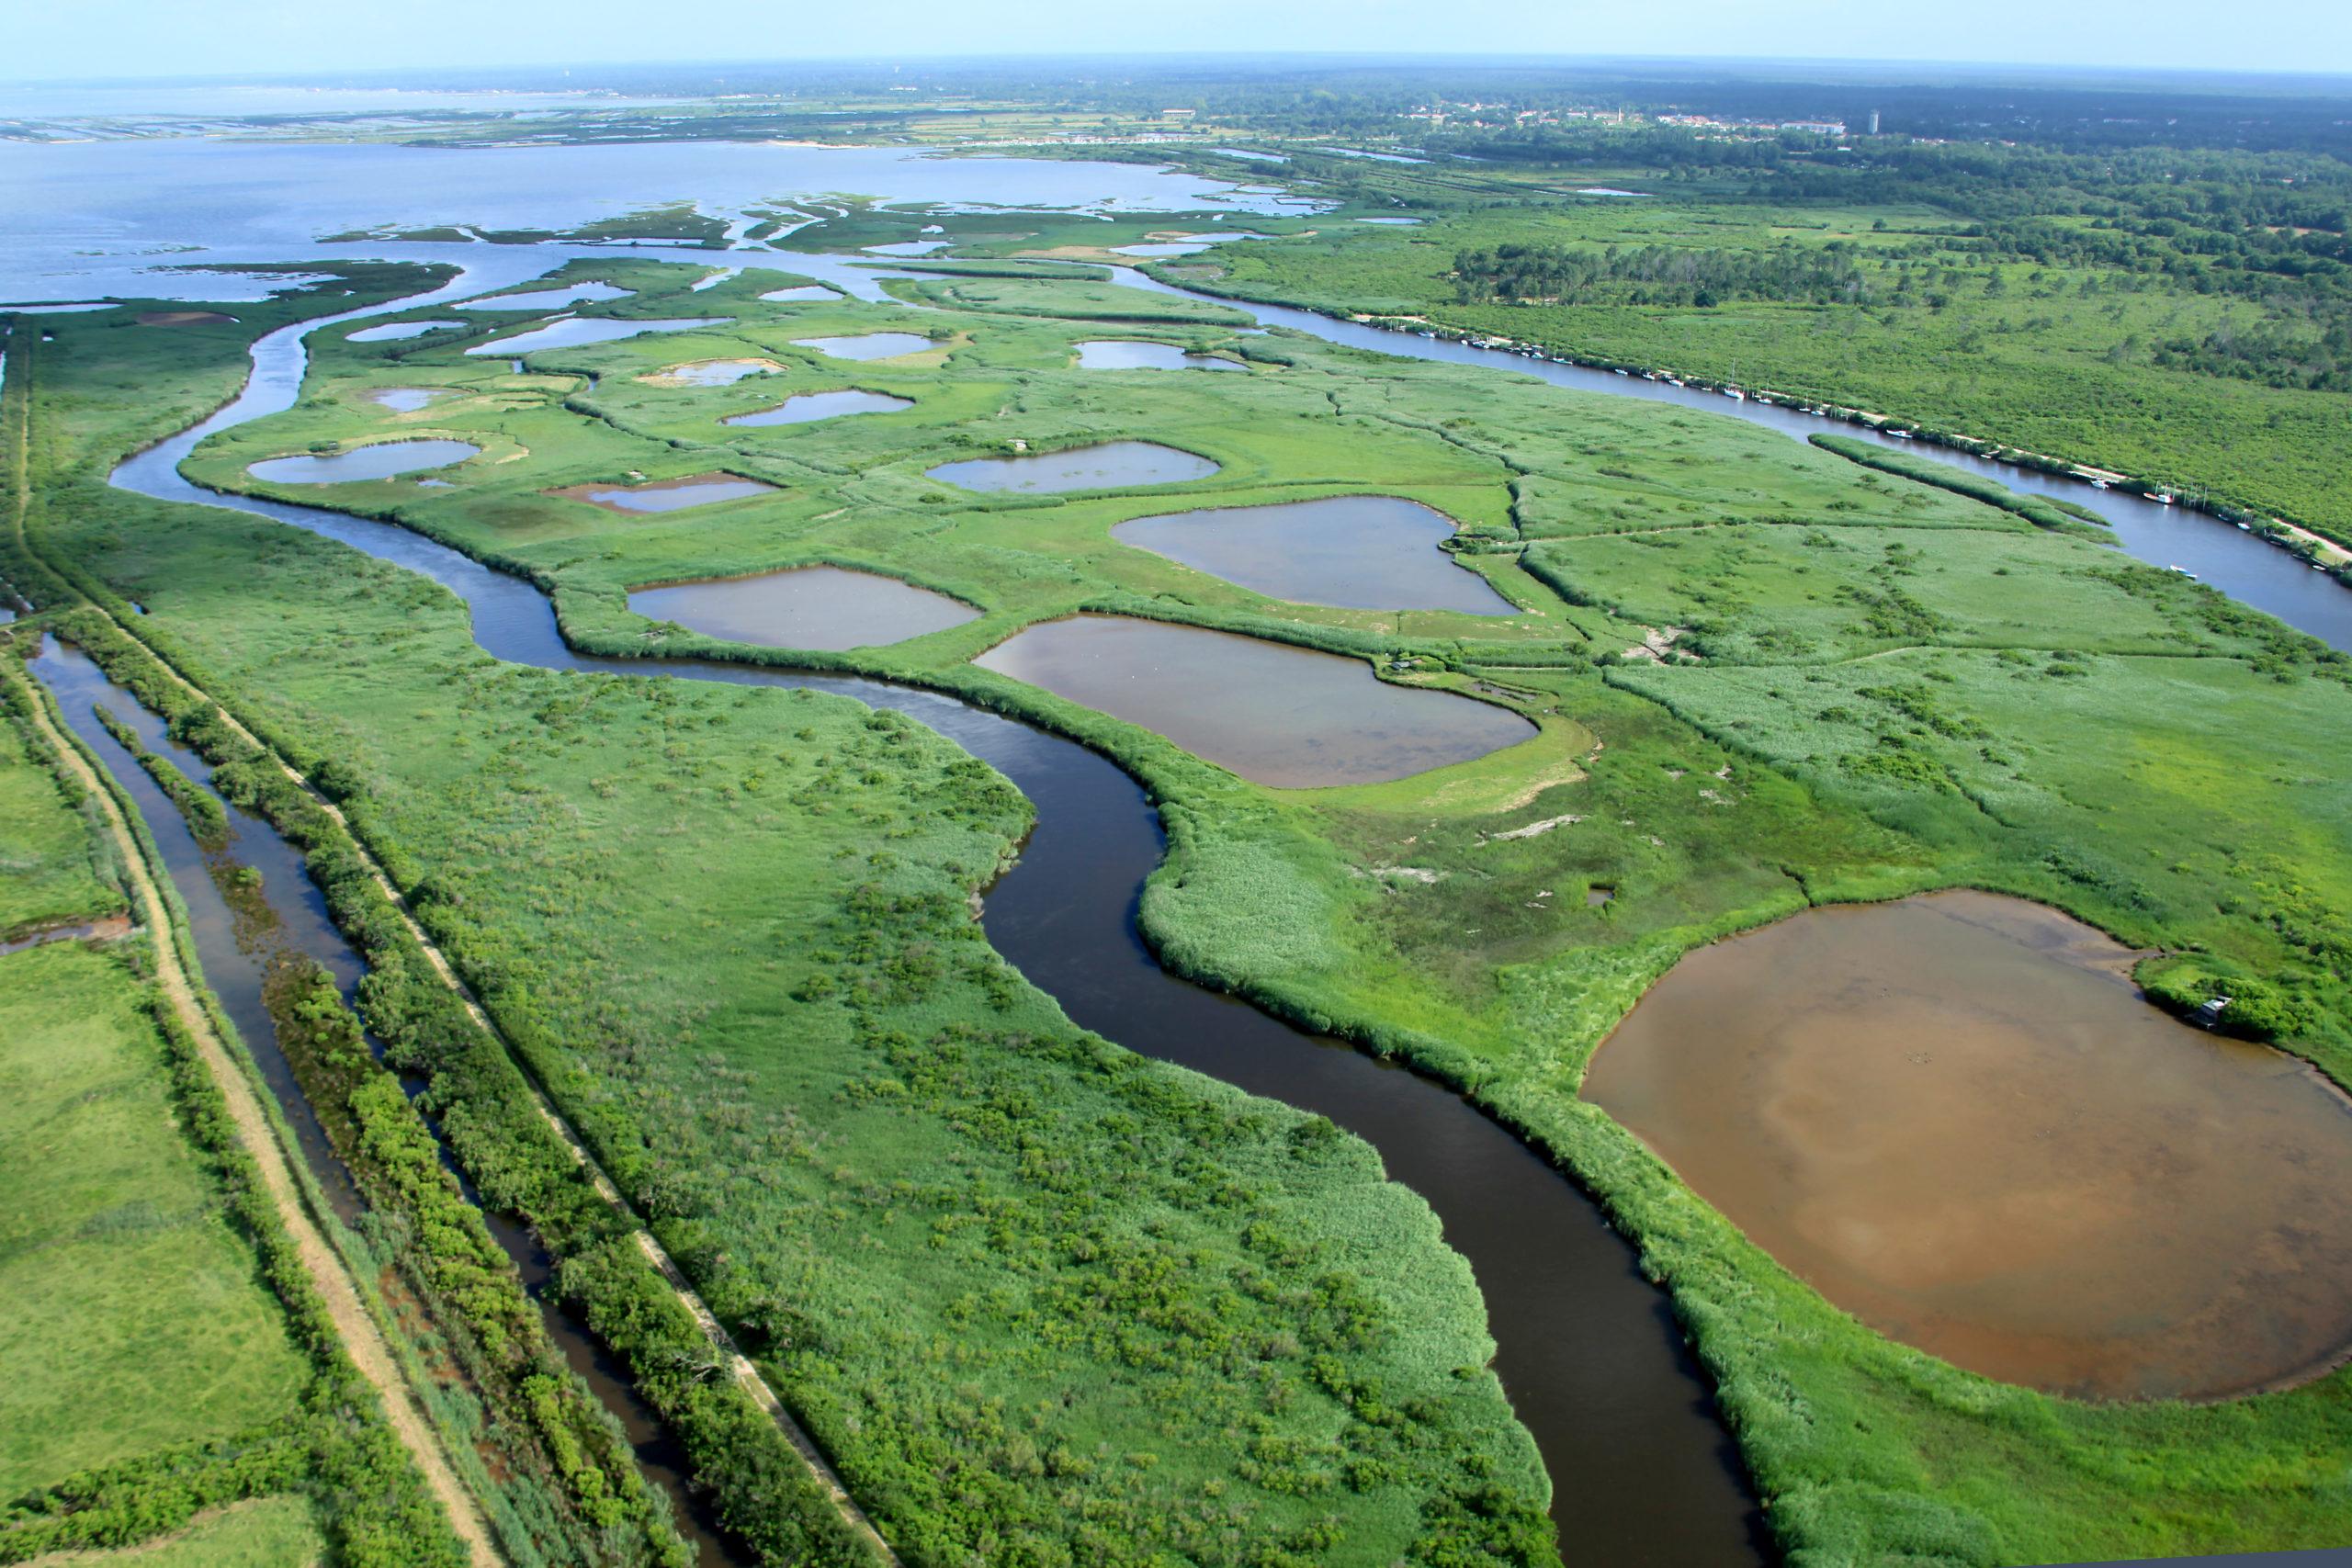 Une balade à pied dans le Delta - Agenda Nature du Teich